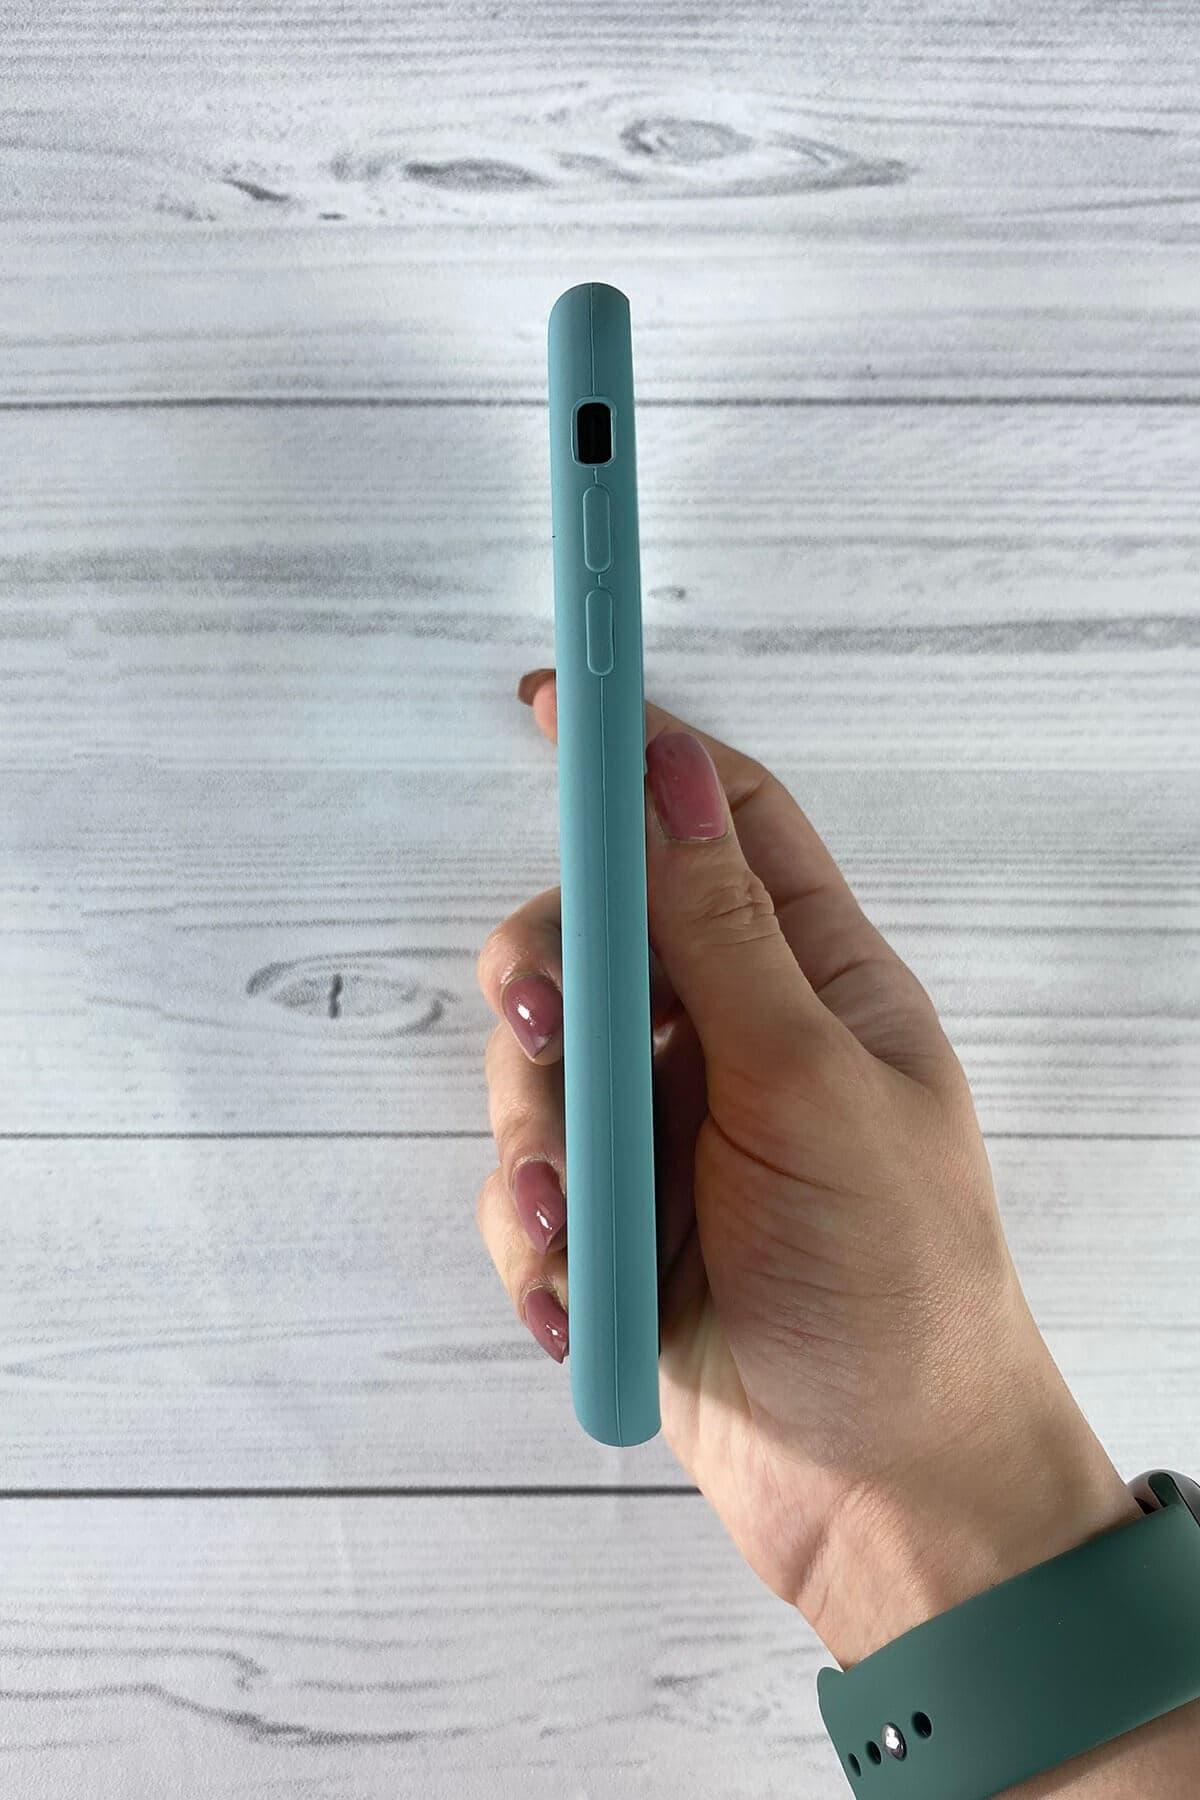 Iphone Zümrüt Yeşili Lansman Kılıf Xr